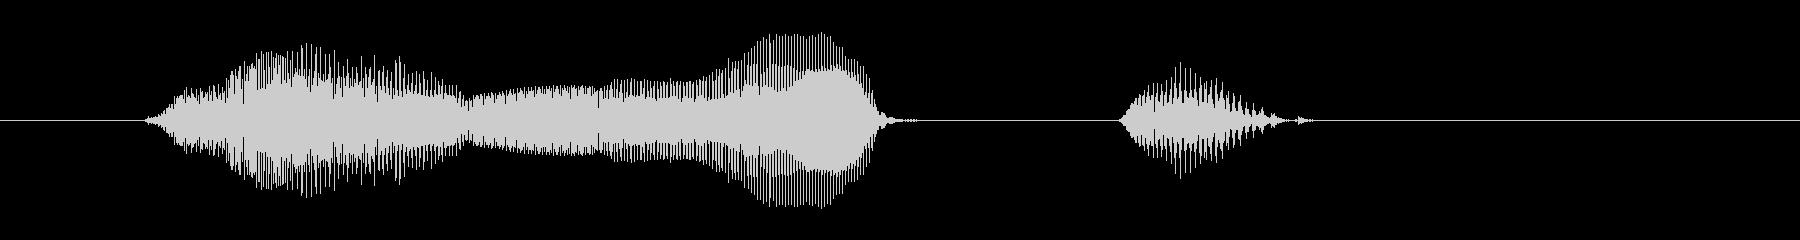 タイムアップ(明るい・女声)の未再生の波形